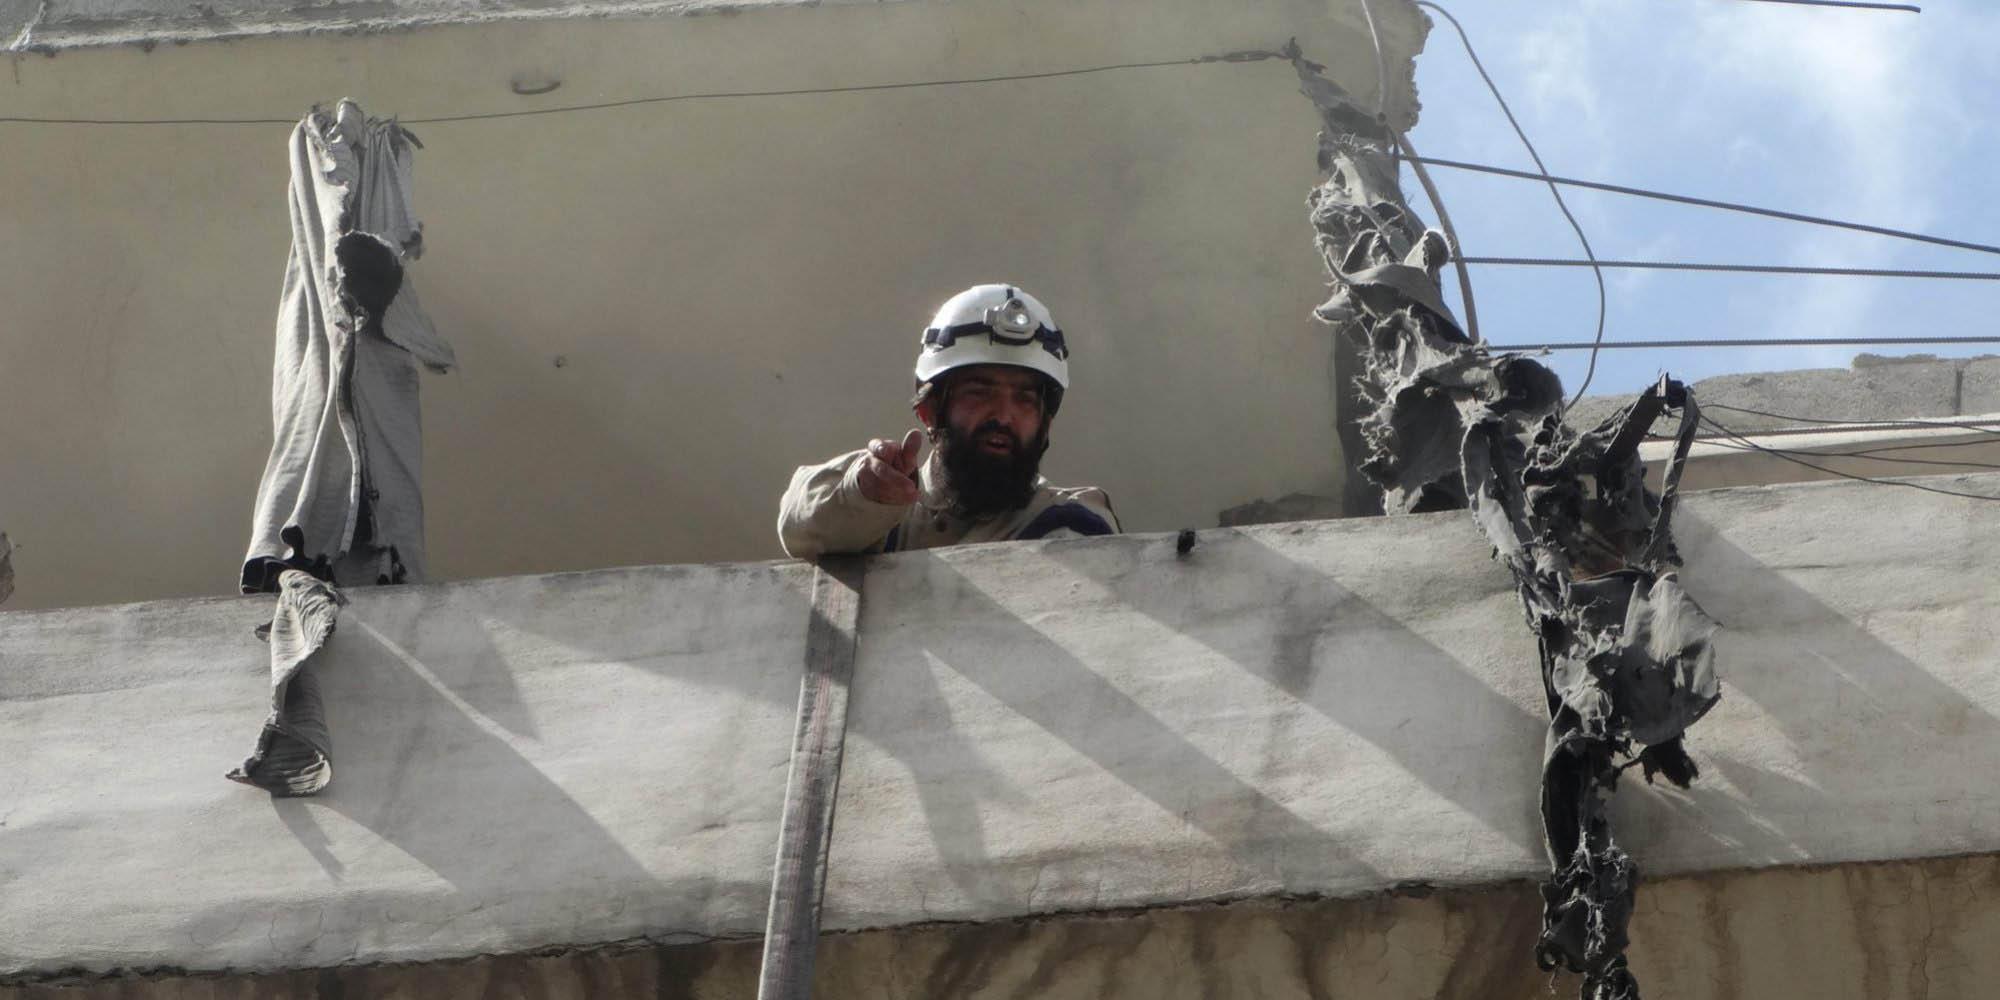 De acuerdo con la ONU, las condiciones no garantizan la seguridad de los colaboradores para ejecutar las labores de evacuación de heridos